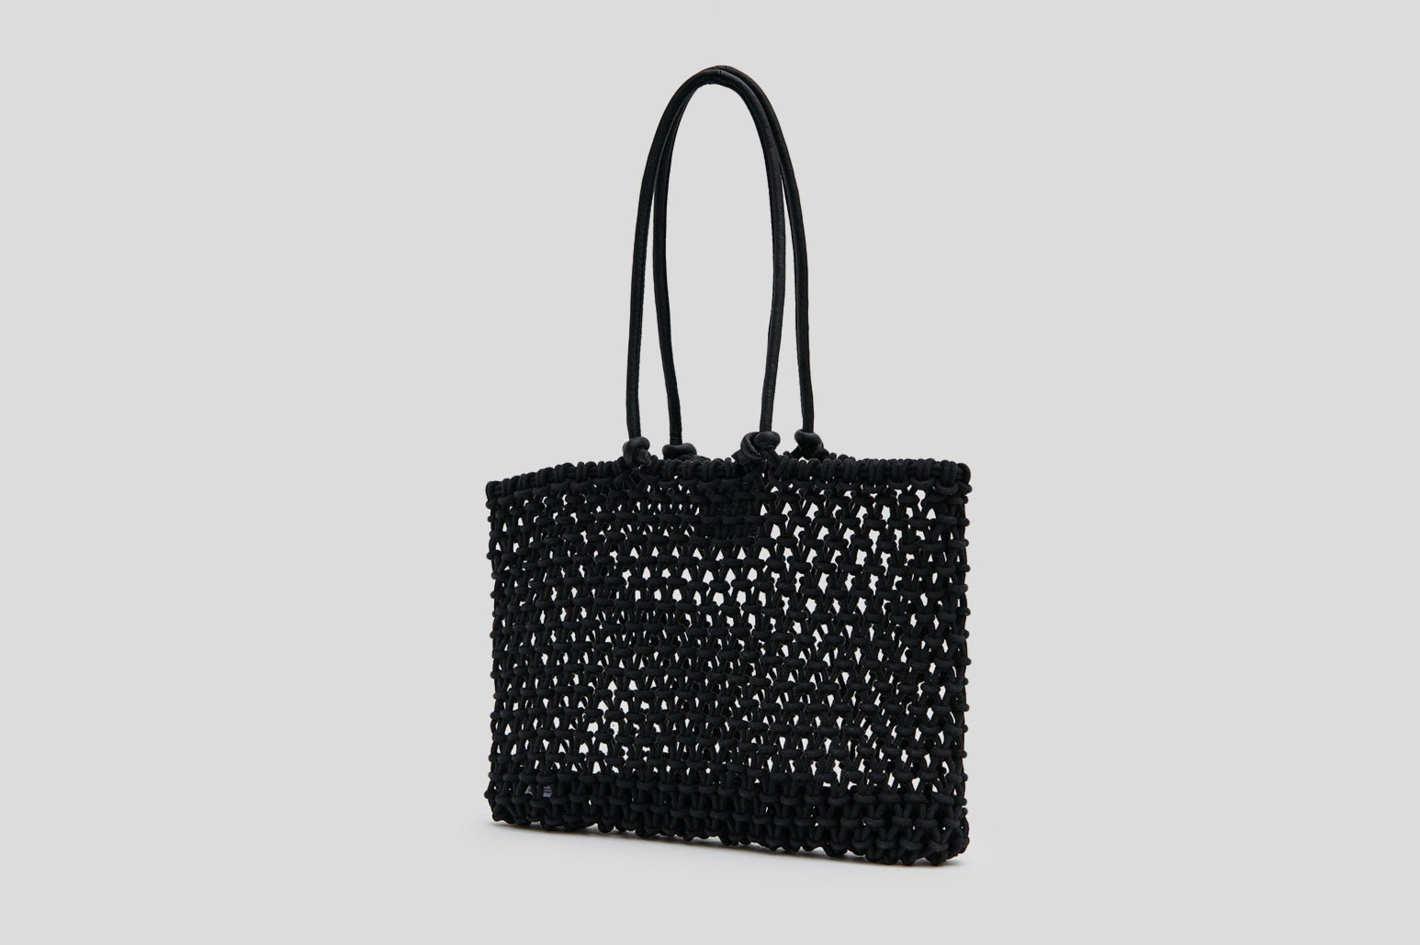 Clare V. Sandy Rope Tote Bag in Black